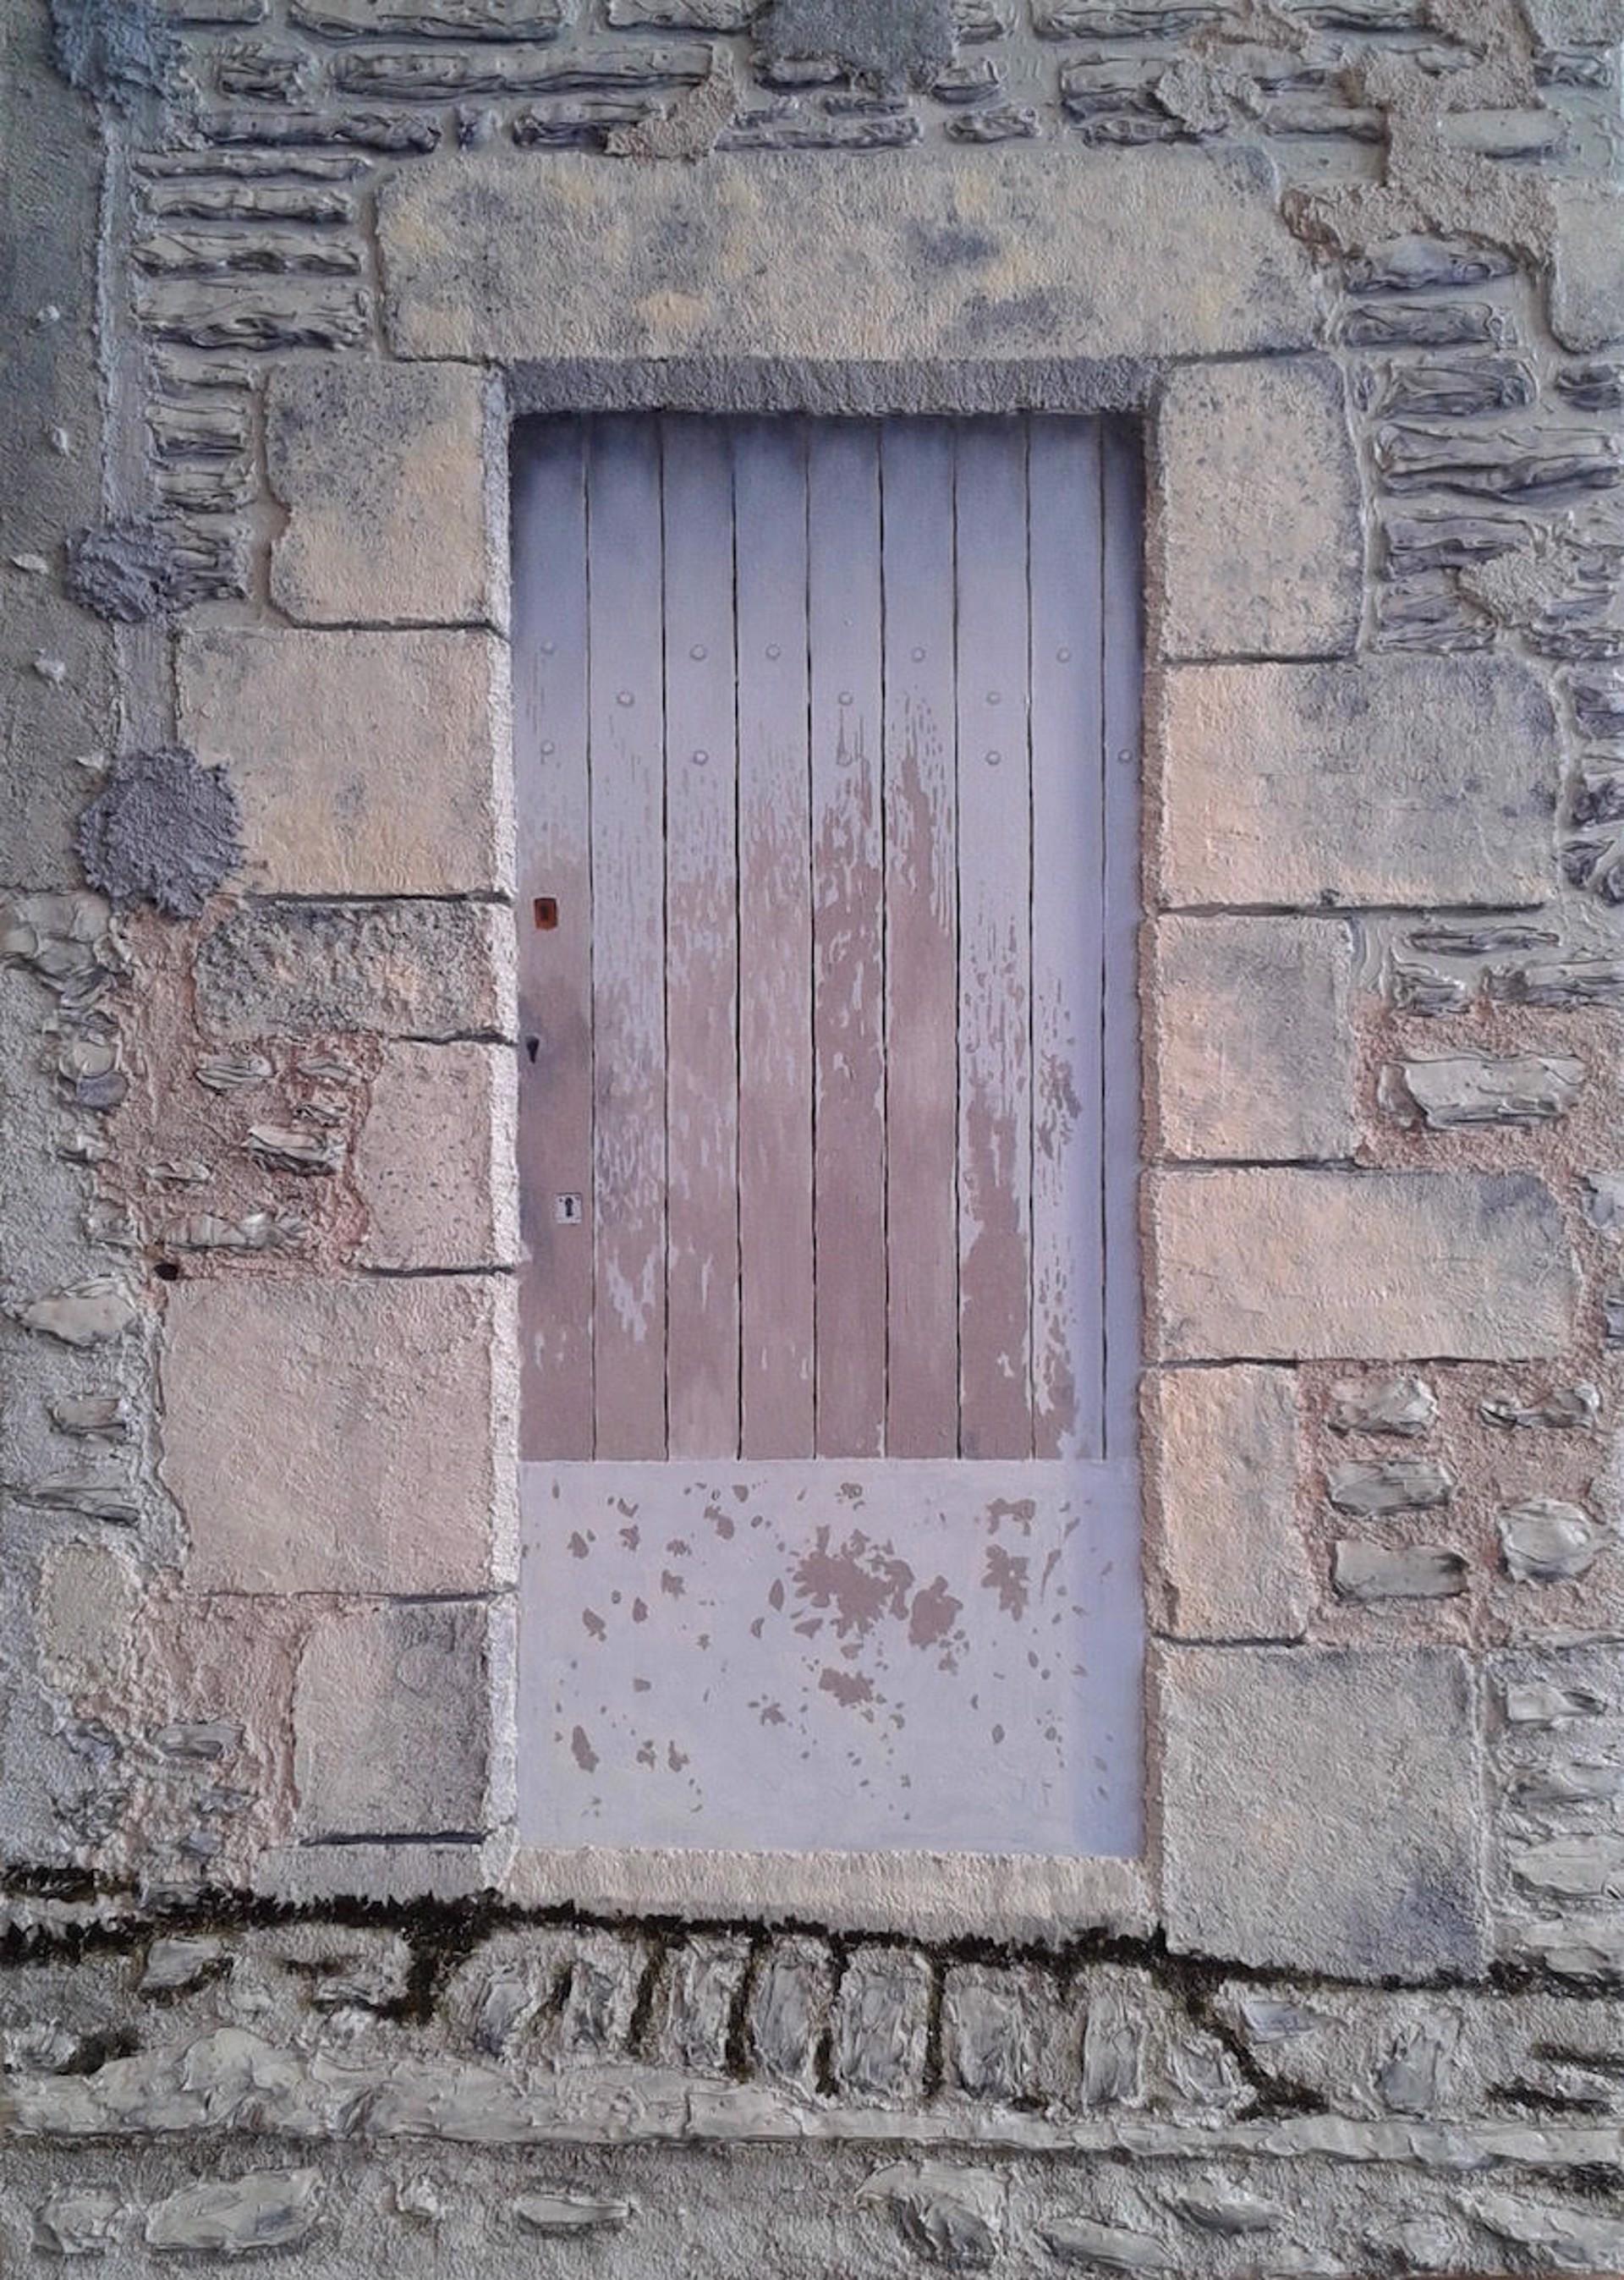 Ancienne Porte: Ruelle à Châtillon-sur-Seine by Andy Feehan